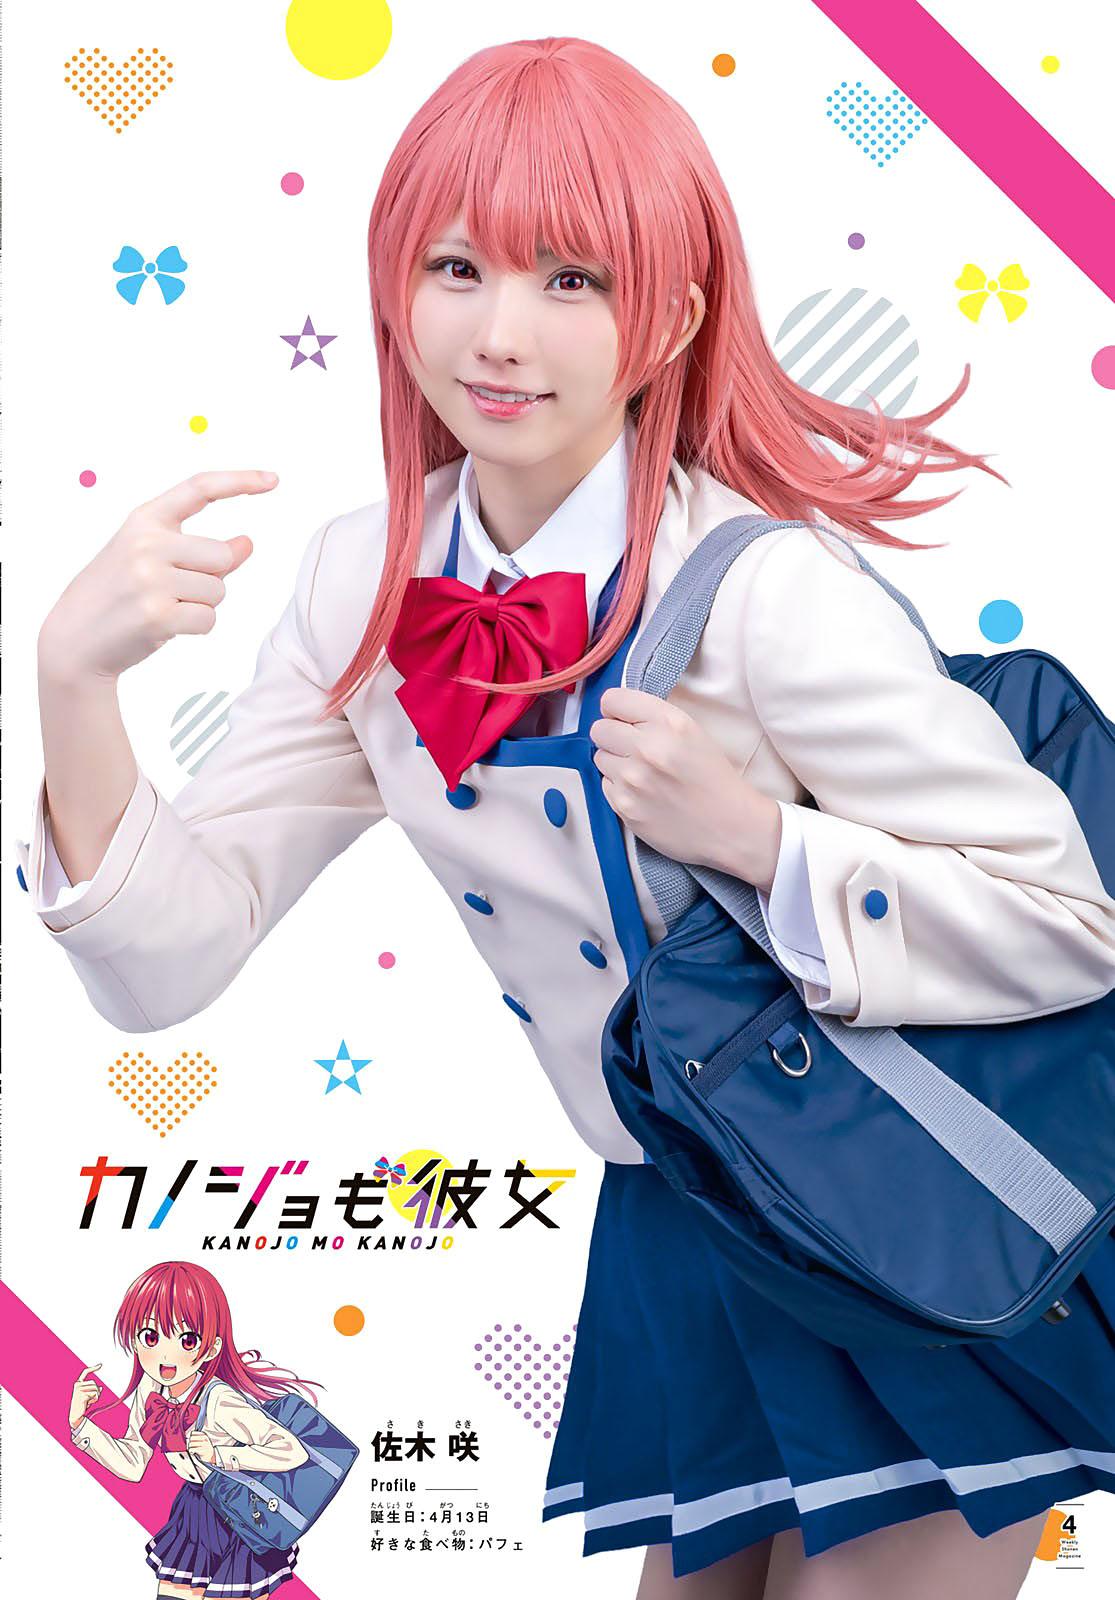 Enako Shonen Magazine 210630 05.jpg